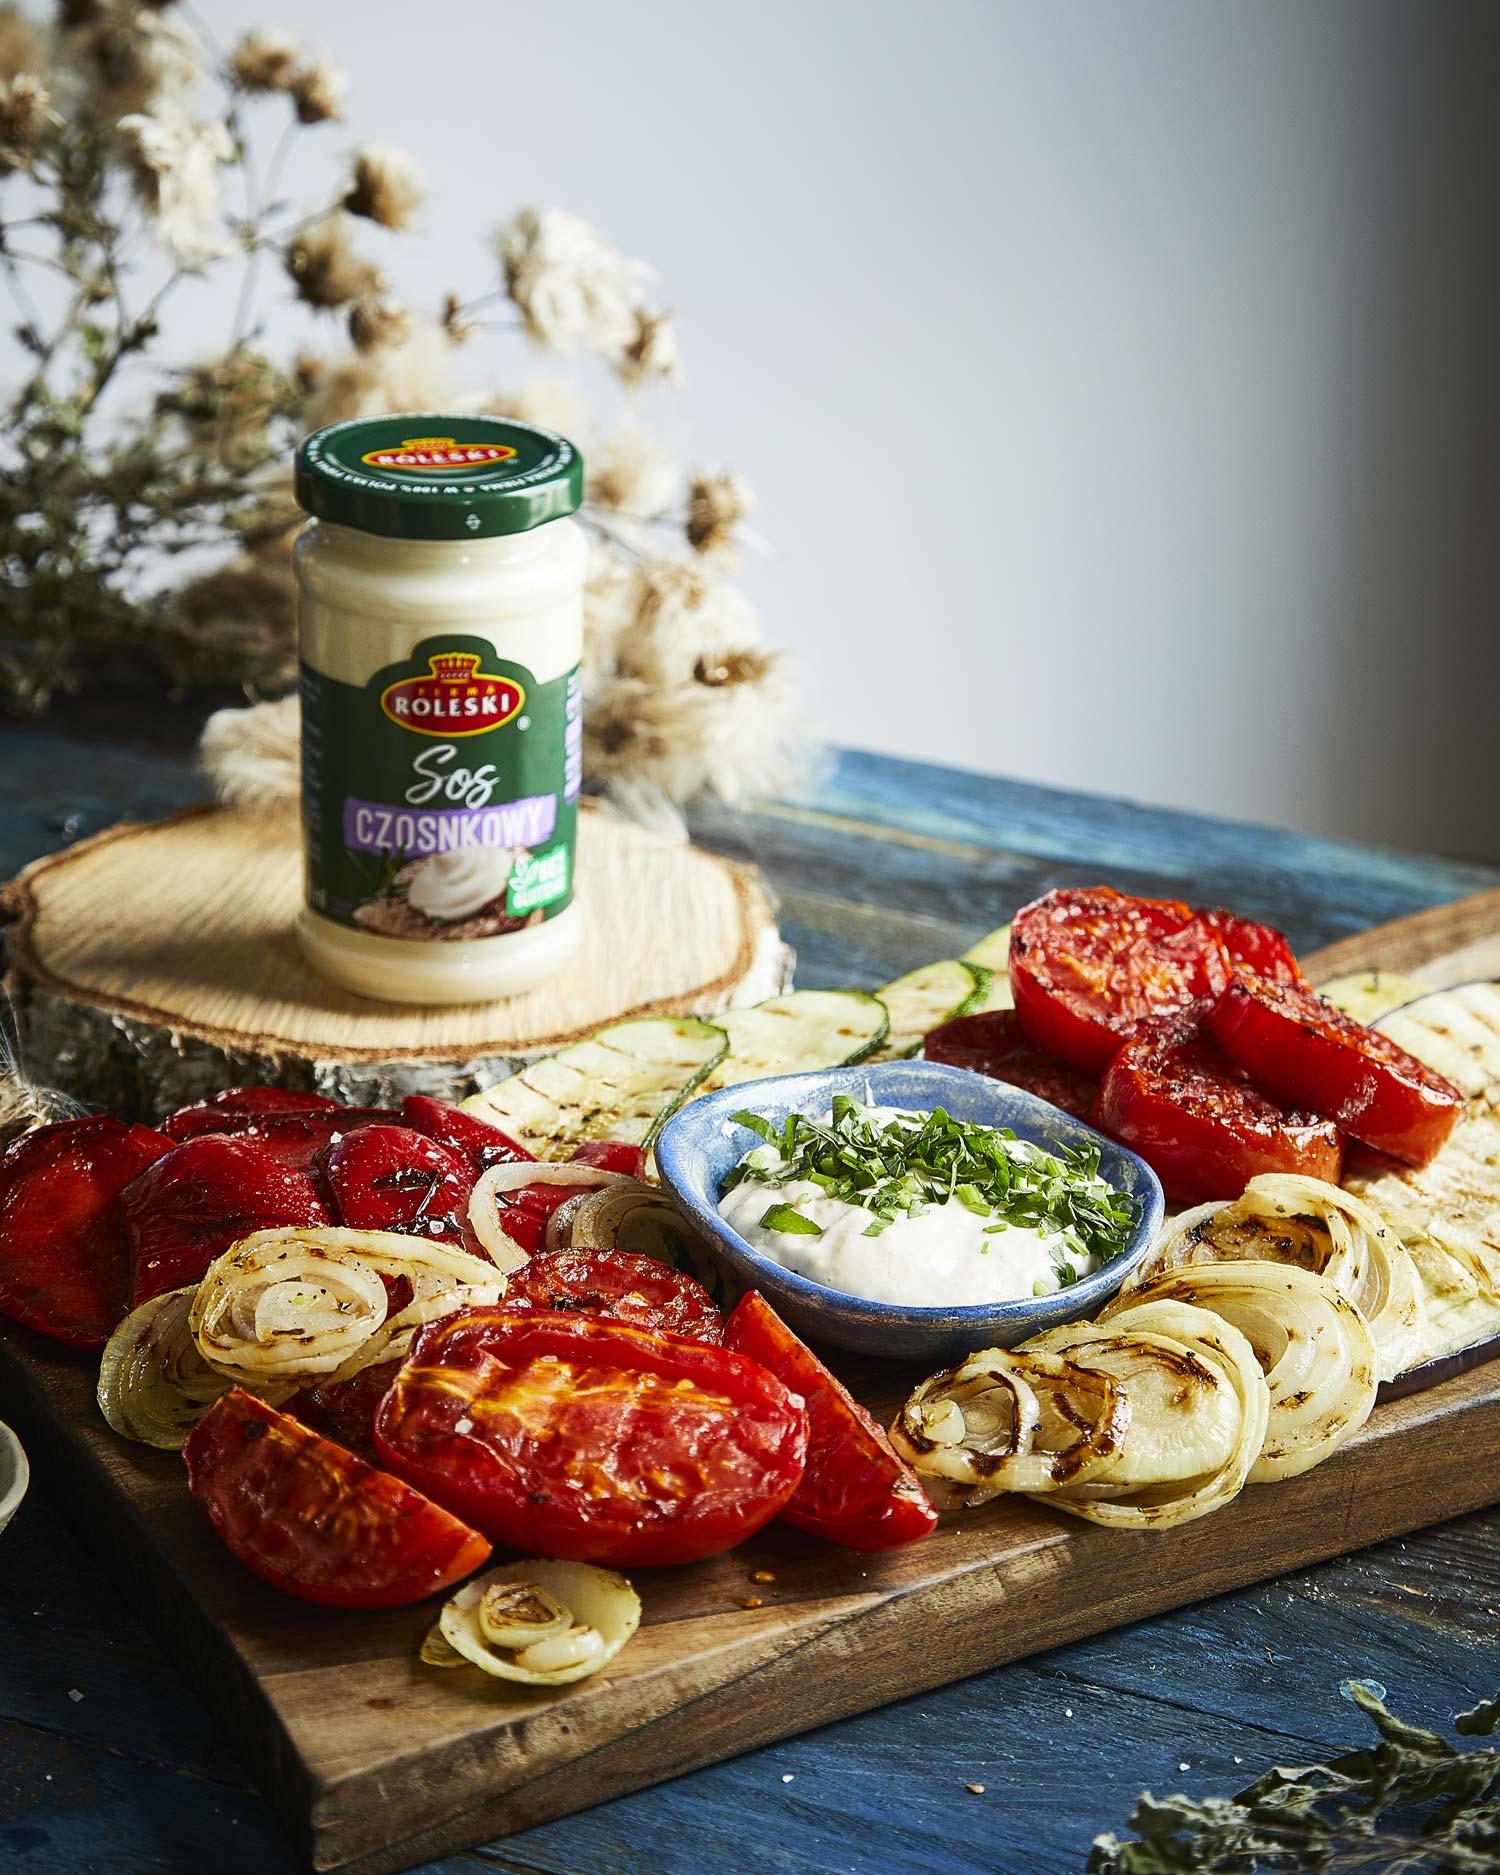 Deska grillowanych warzyw z sosem czosnkowym